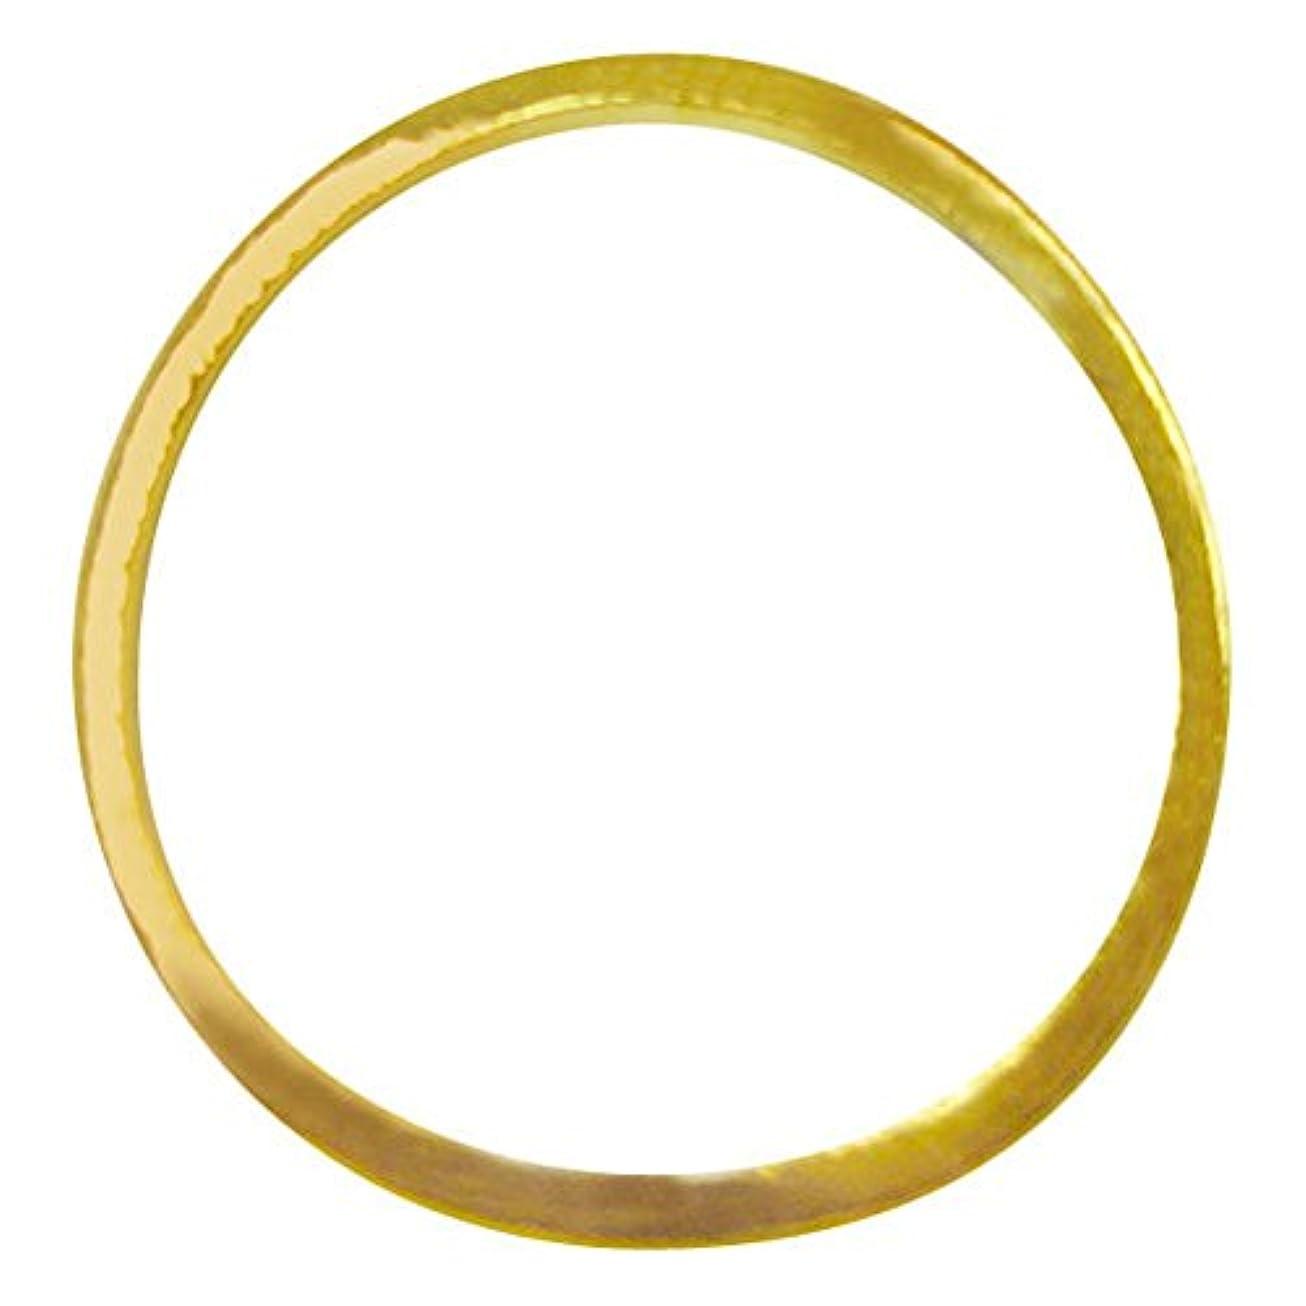 オーバーヘッド殺人者無駄なジェルネイル  サンシャインベビー シンプル ラウンドフレームL(ゴールド) 10P